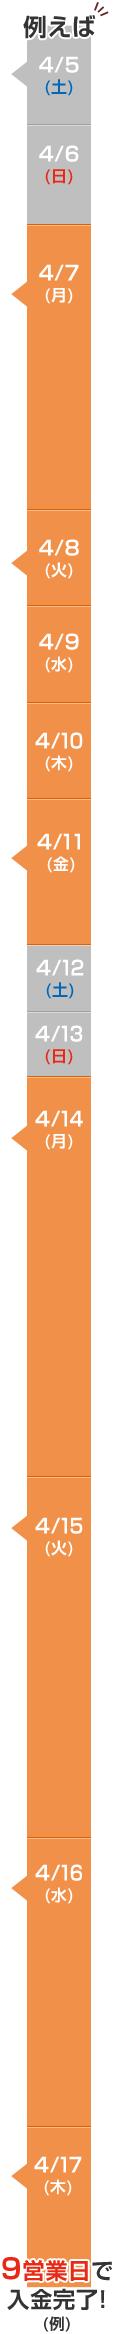 【例】お品物到着から9営業日で入金完了!